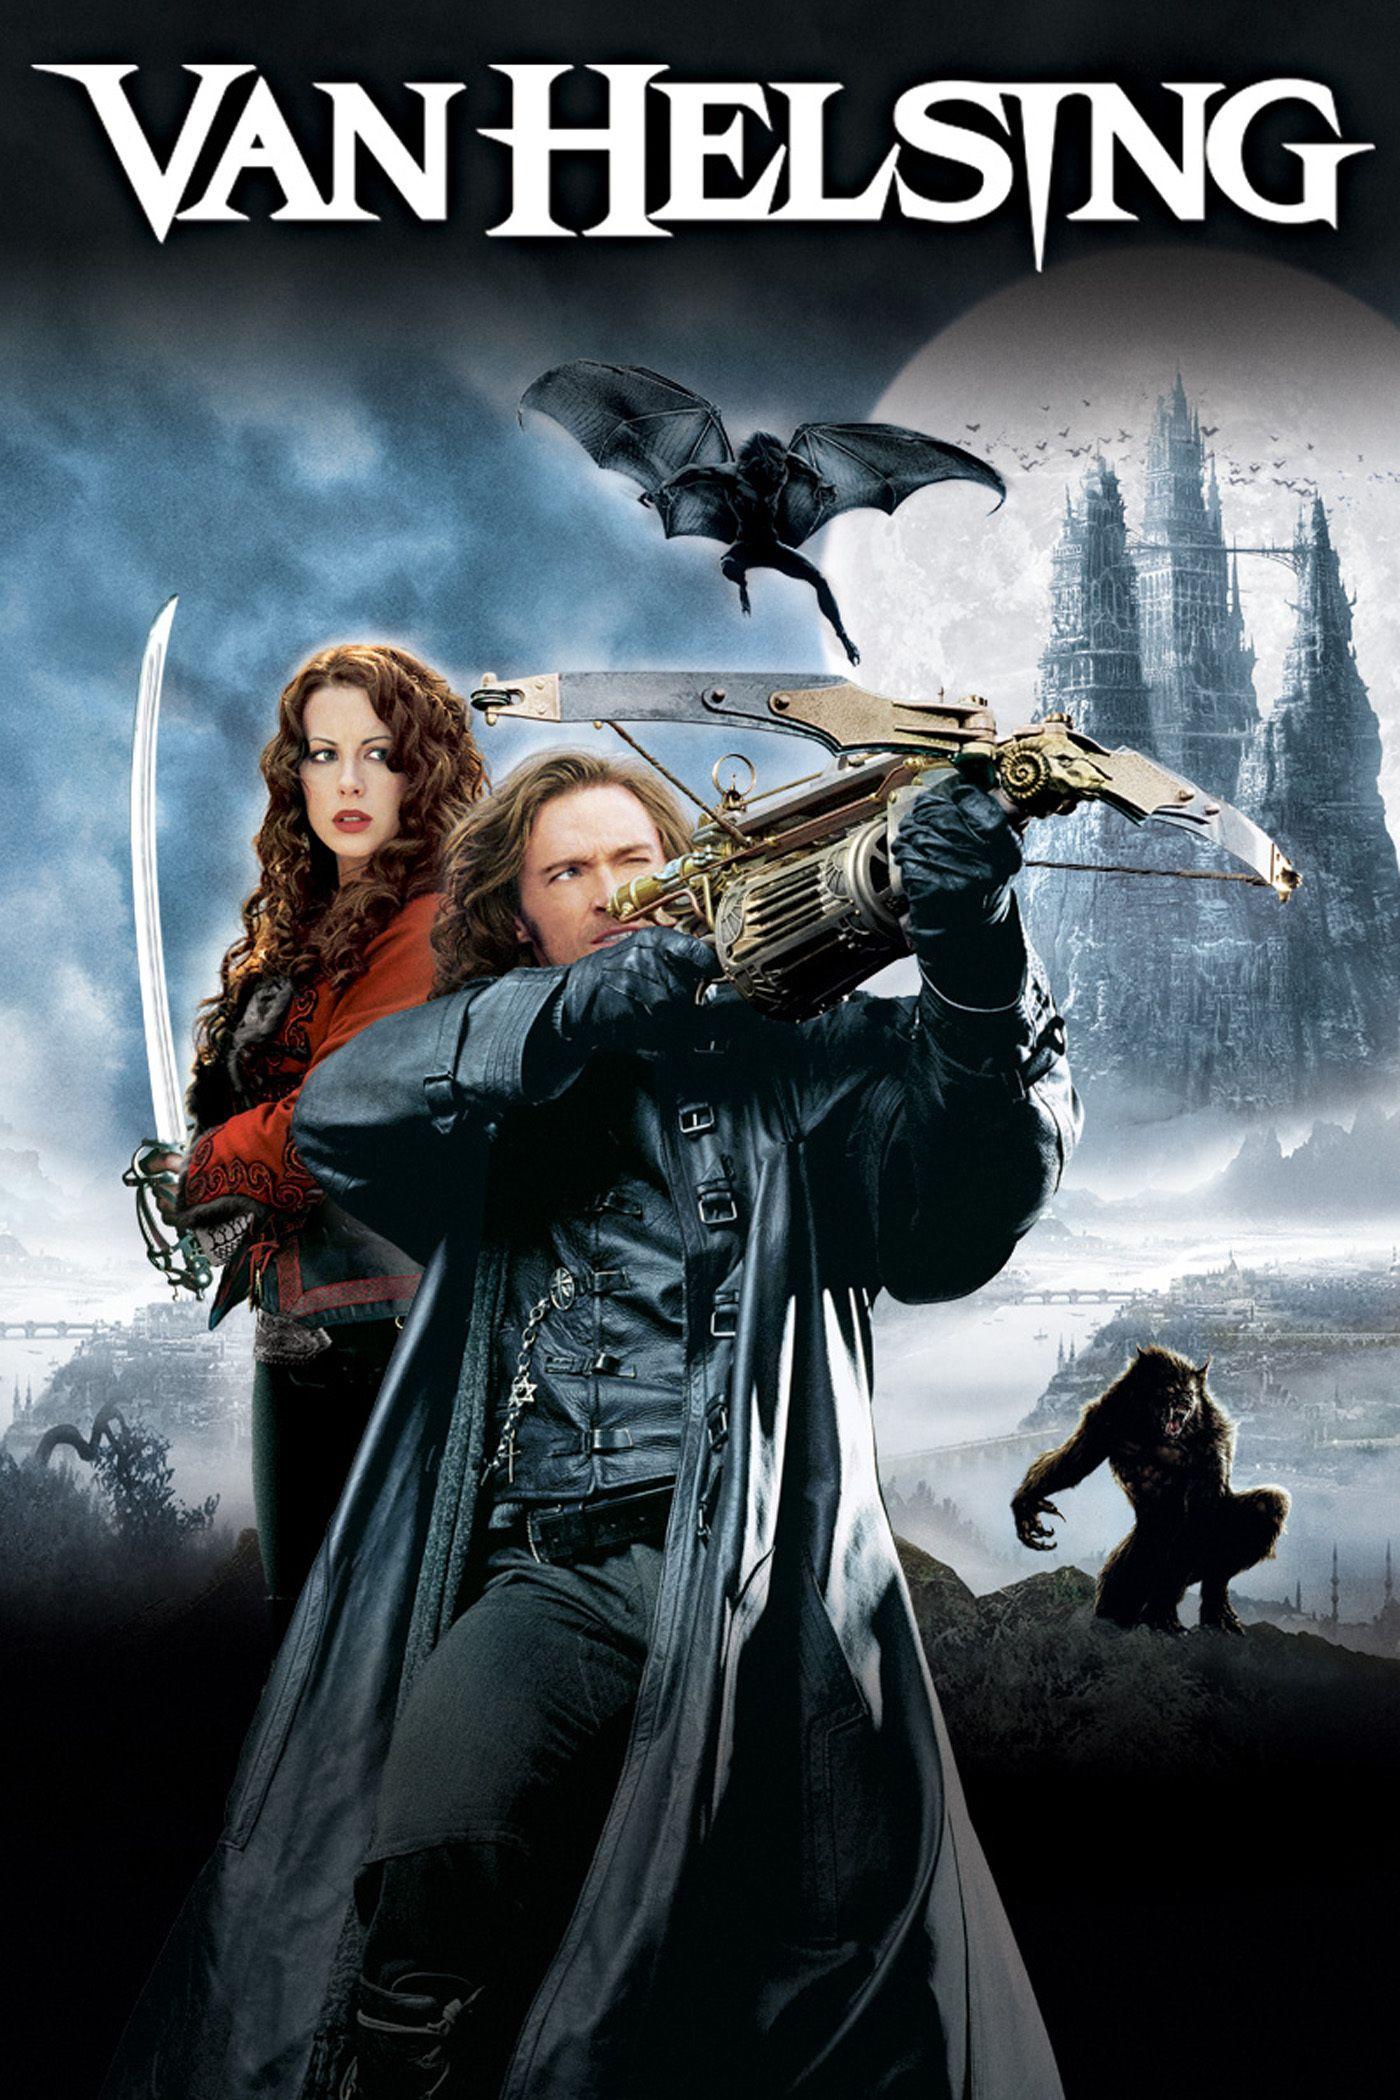 Van Helsing (2004) Thriller, Action, Mystery, Fantasy, Adventure ...